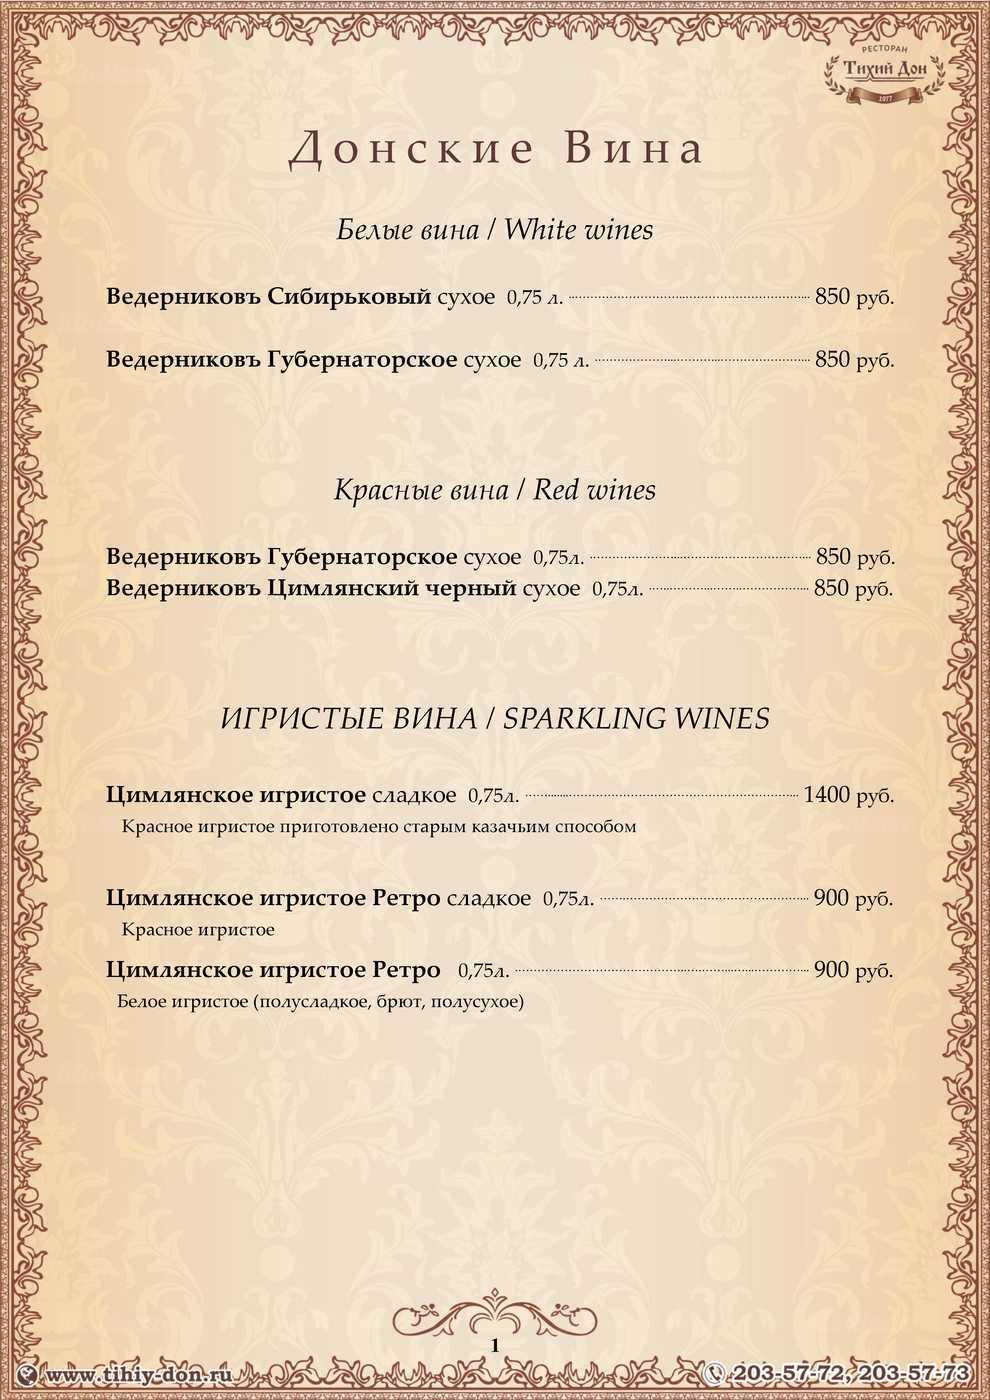 Меню ресторана Тихий Дон в Береговой фото 46